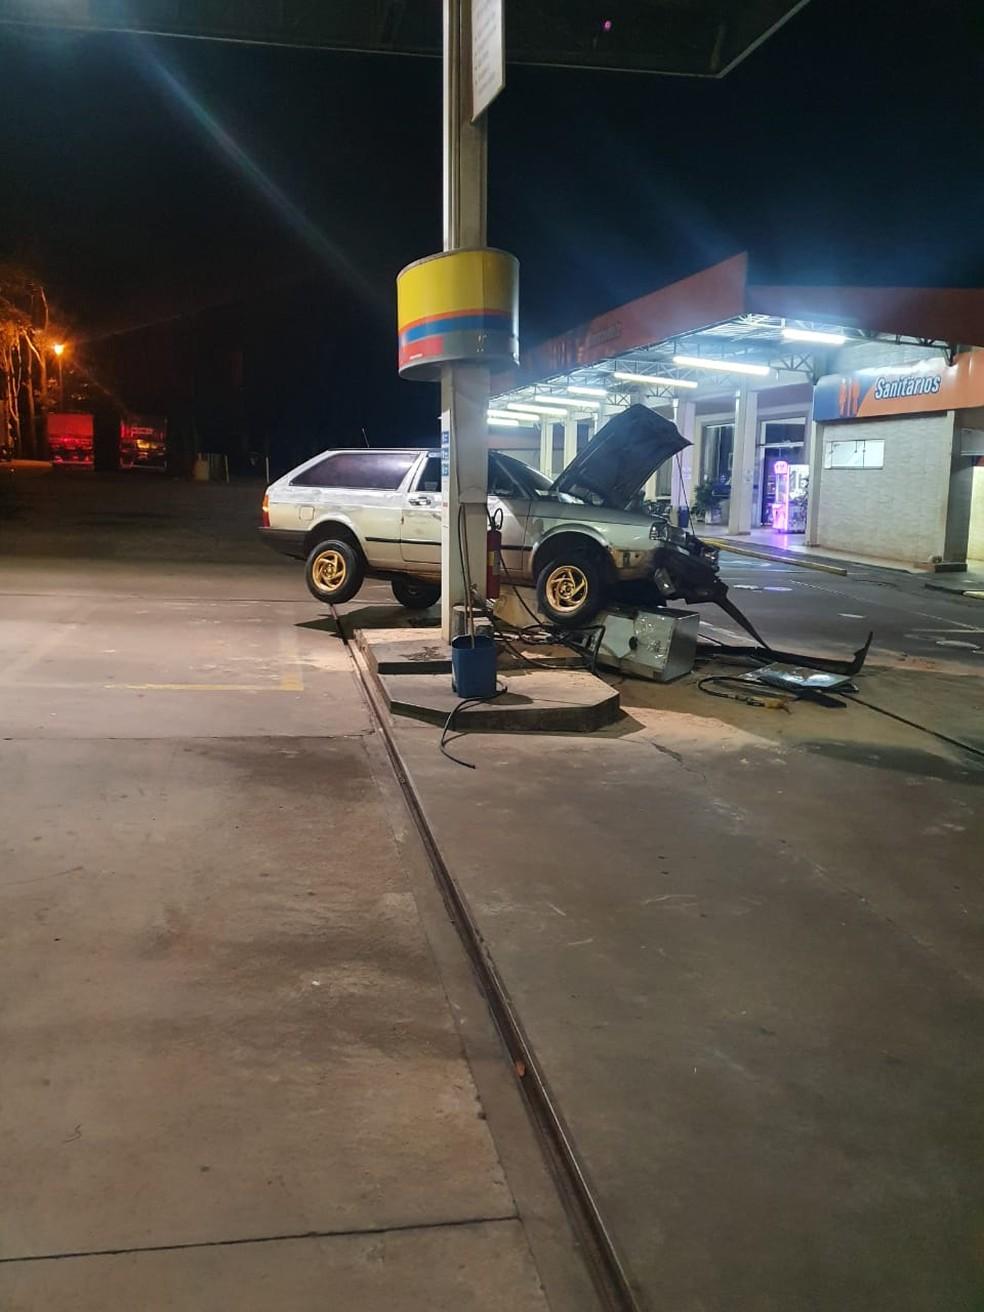 Indivíduo fugiu e 'jogou o carro' contra uma bomba de combustível, mas não se feriu — Foto: Polícia Militar